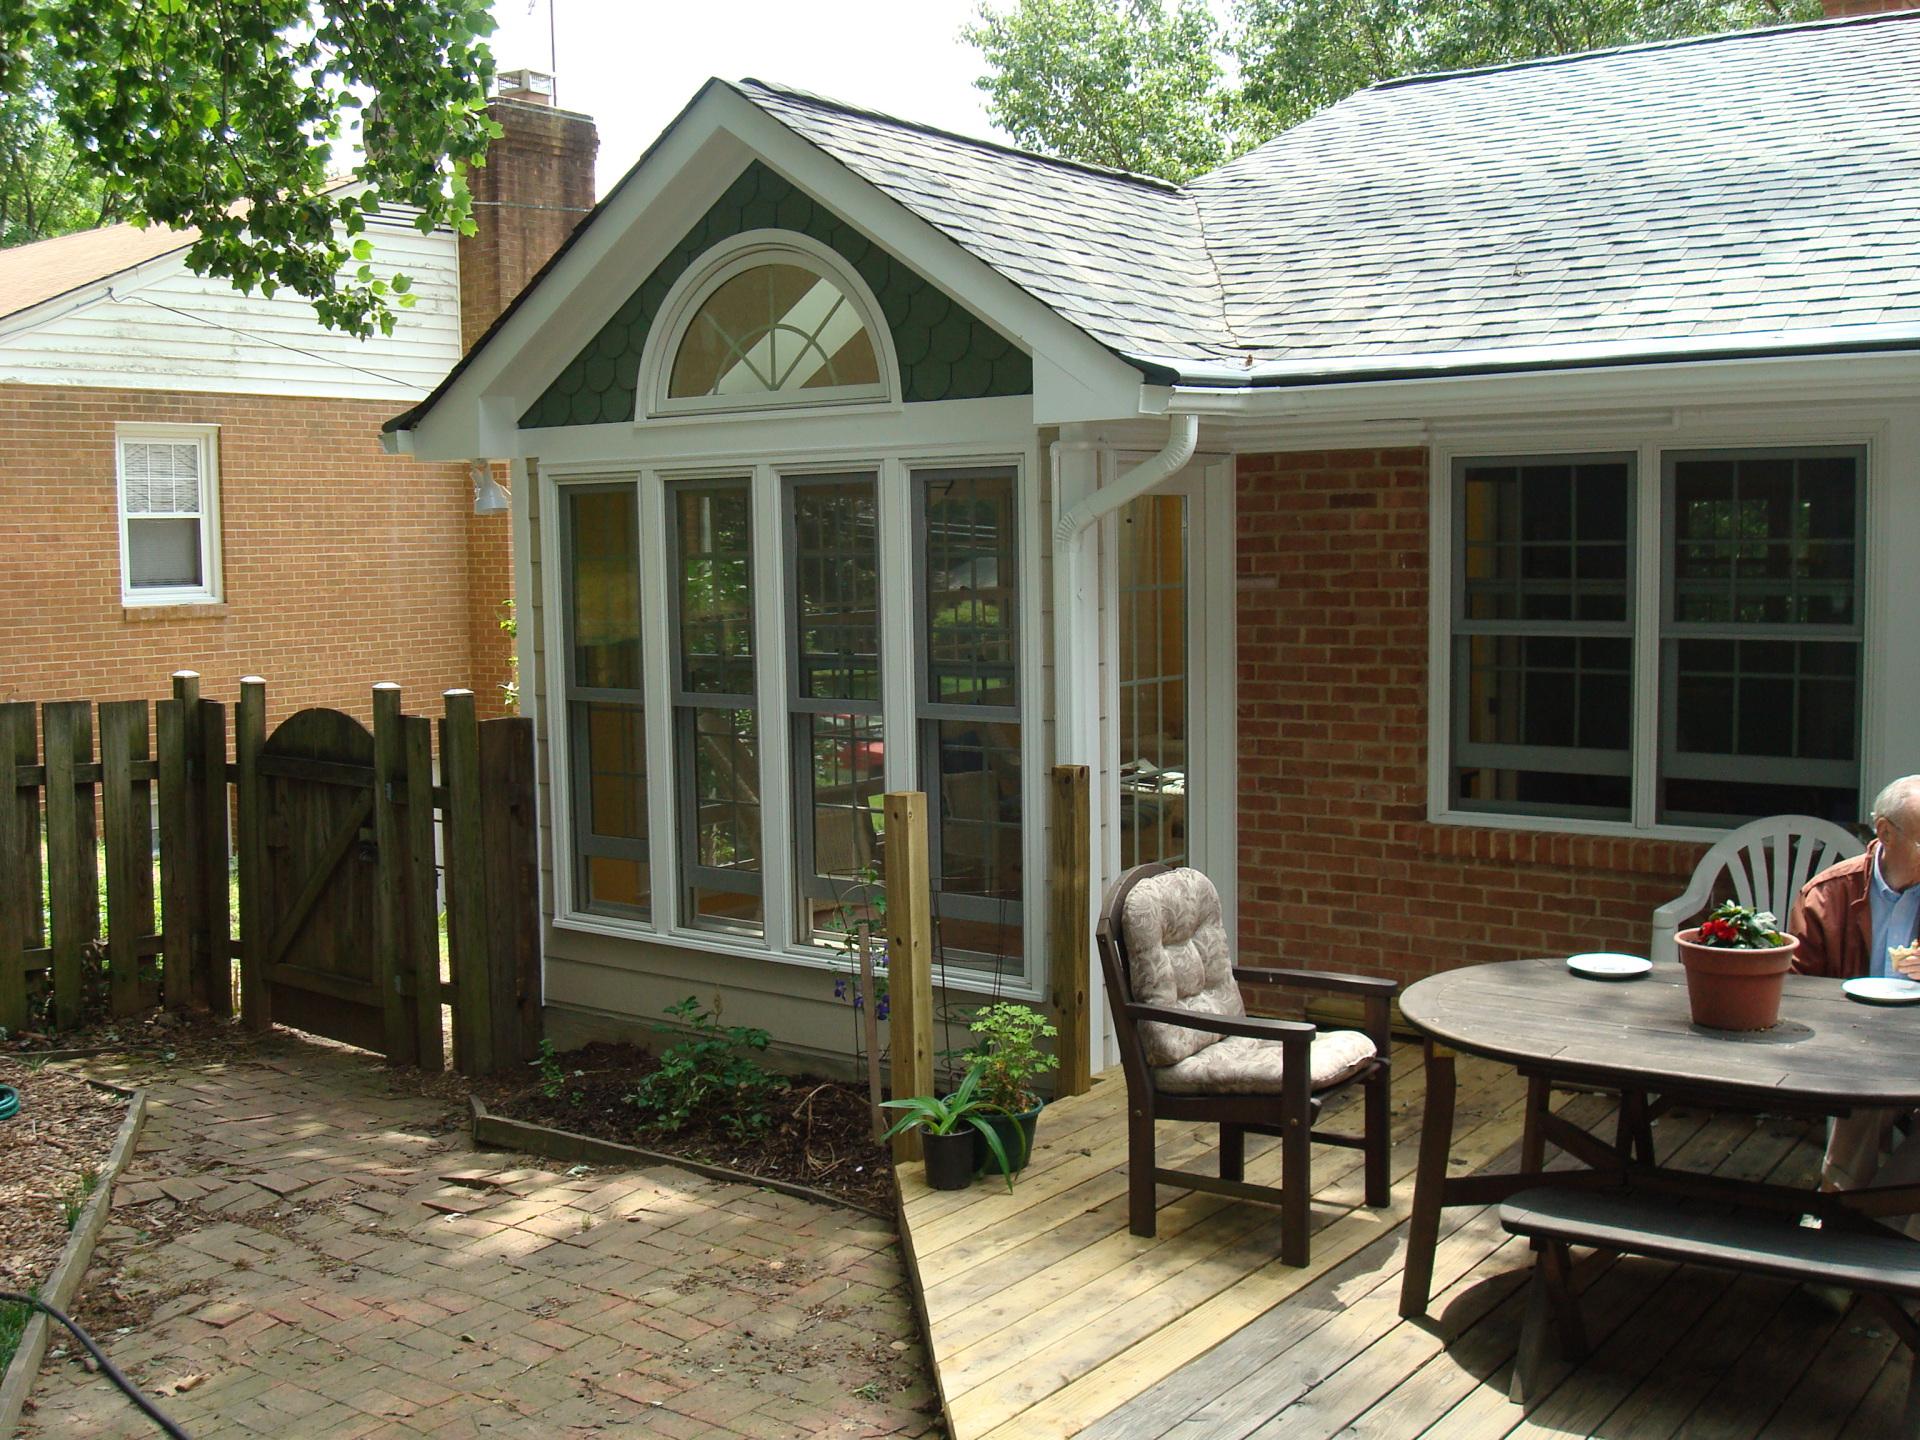 Sunroom creates an end for the house